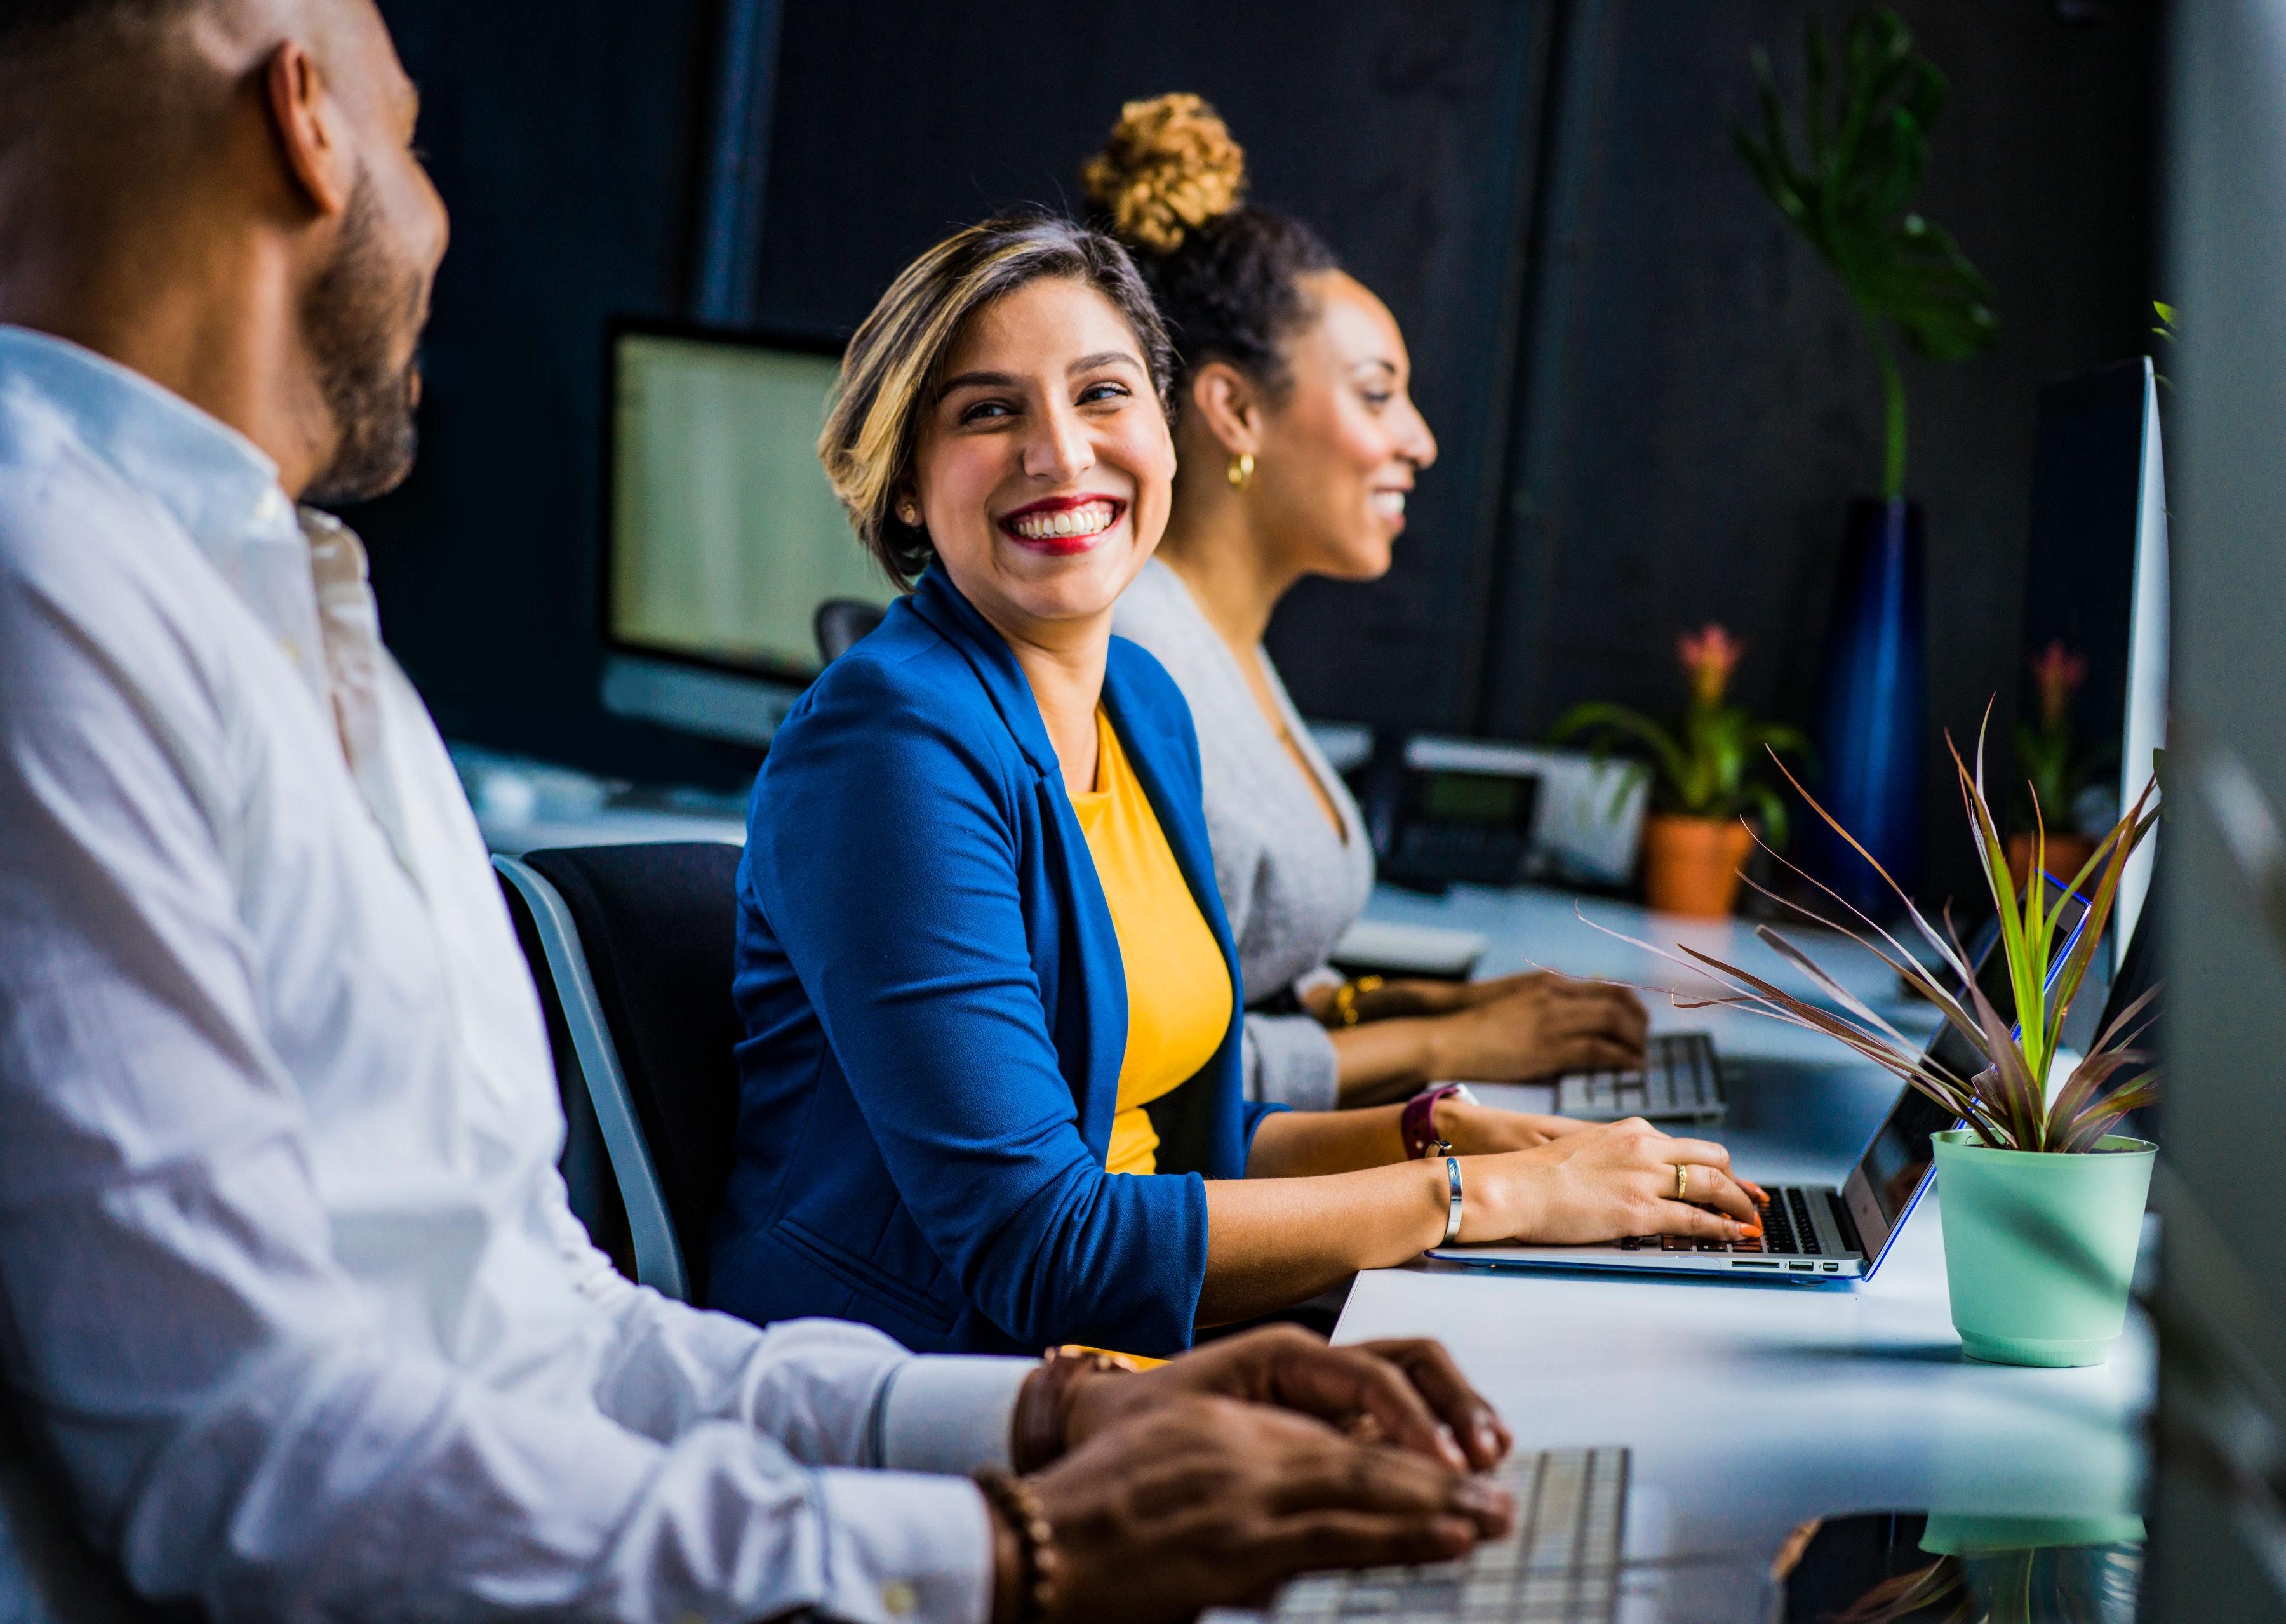 Bild zeigt lachende Frau am Computer mit Kollegen